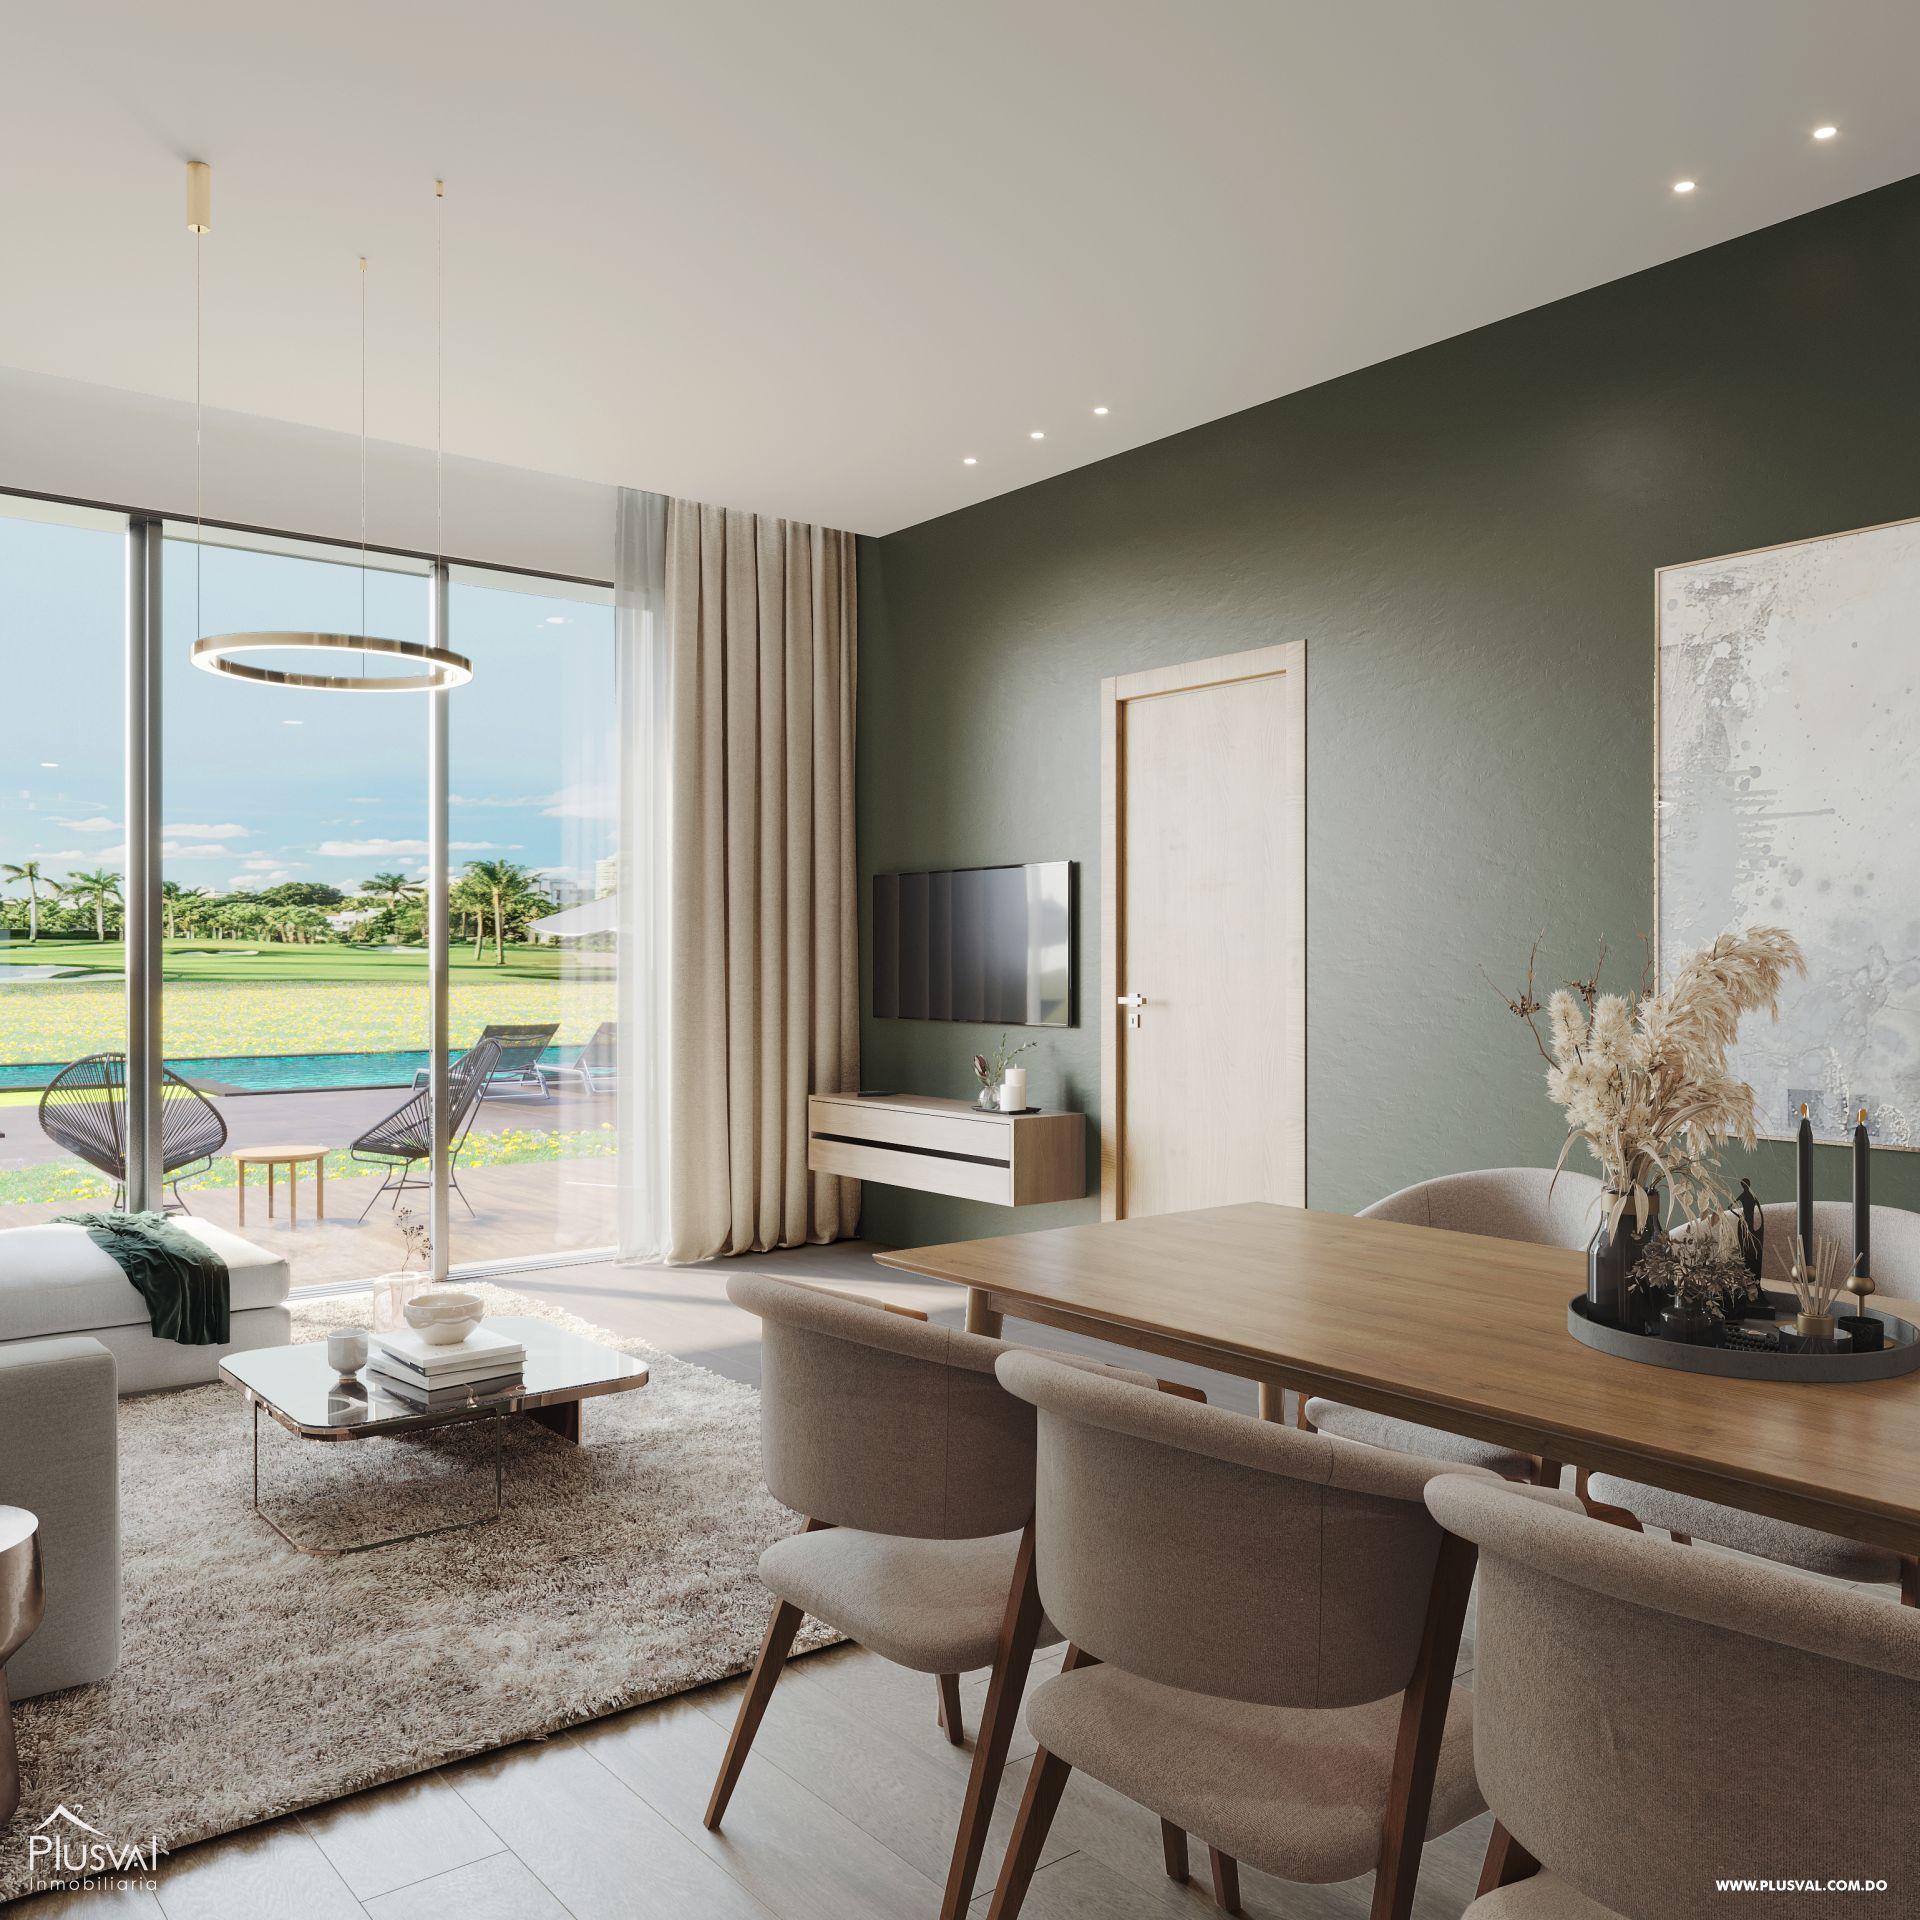 Apartamentos en Venta, en exclusiva comunidad en Cana Bay 190043